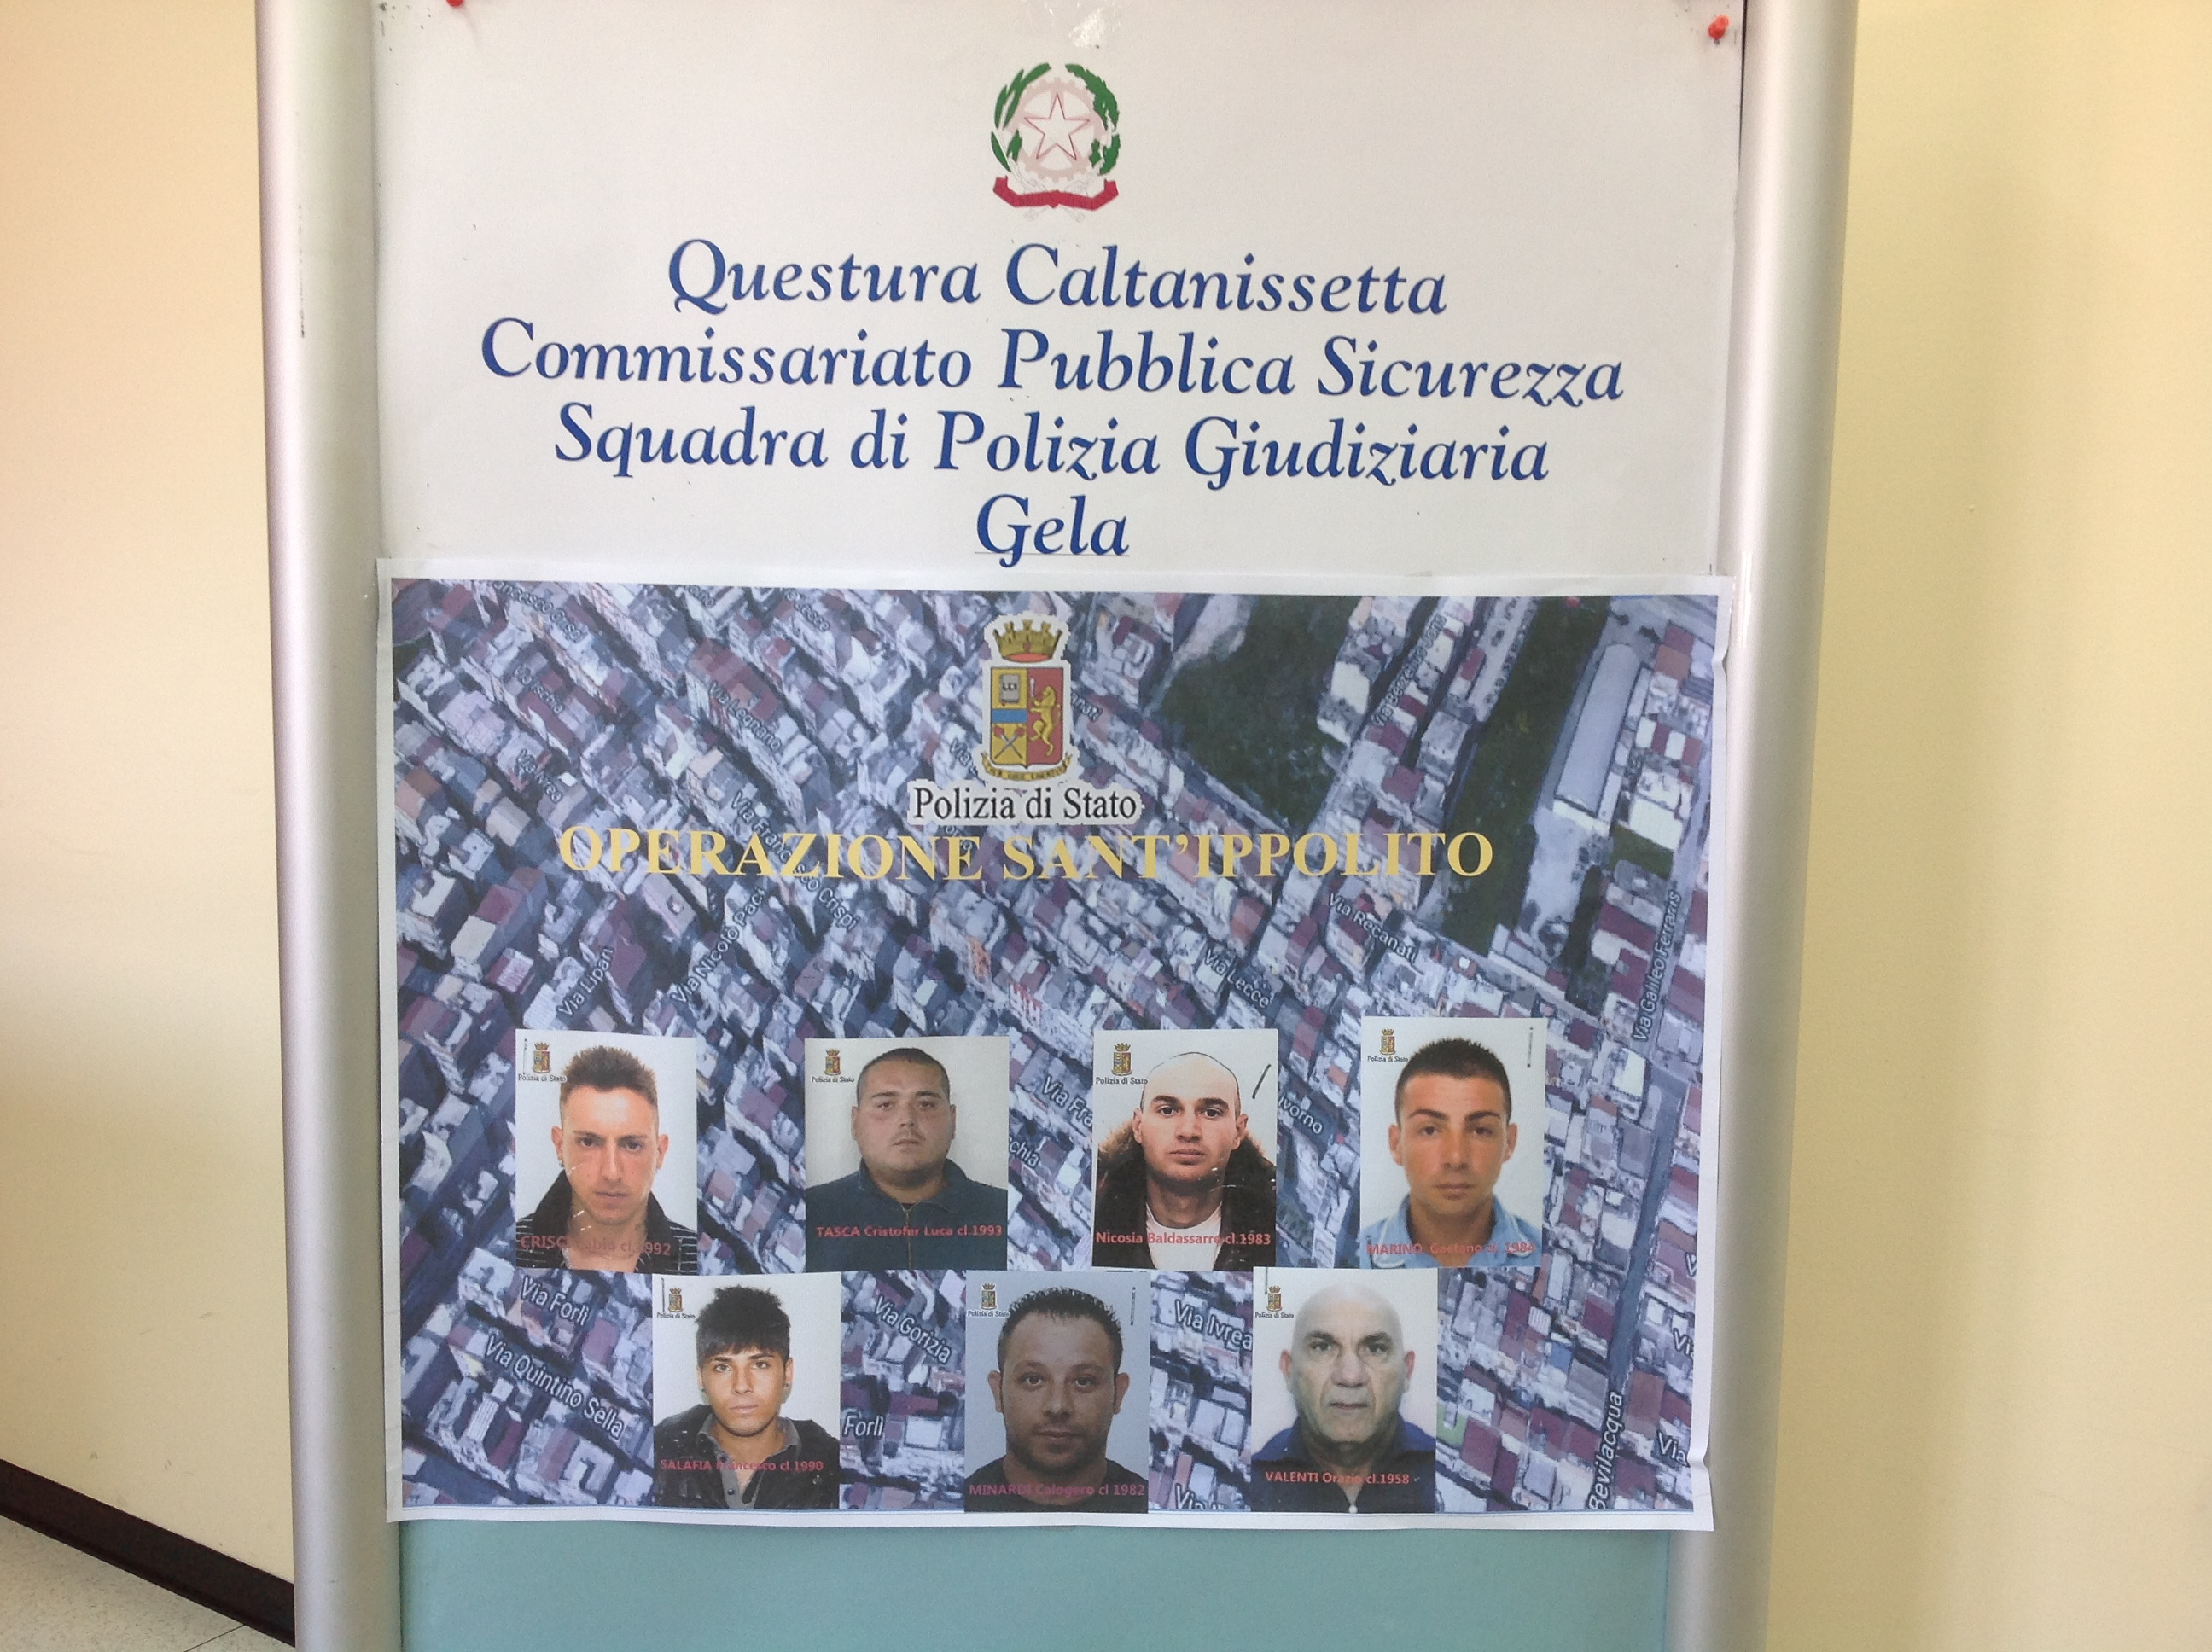 Droga e furti in strutture comunali: sette persone coinvolte a Gela